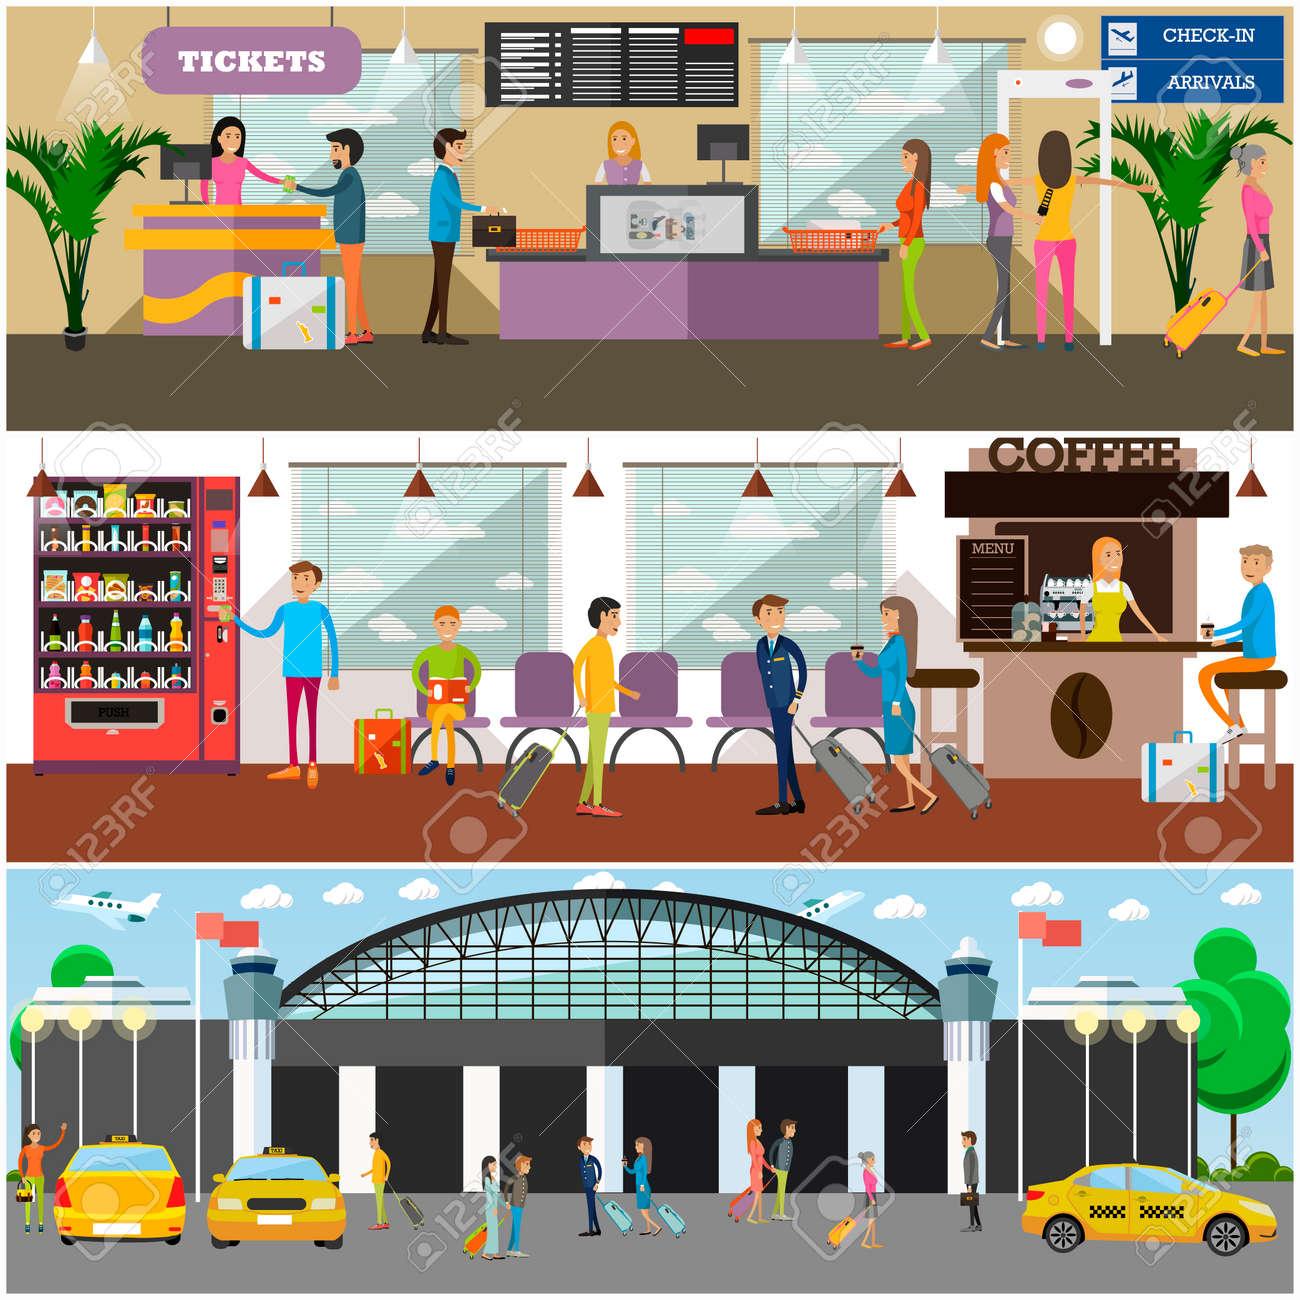 Vektorsatz Flughafenkonzeptposter, Fahnen. Flughafenterminal, Café ...